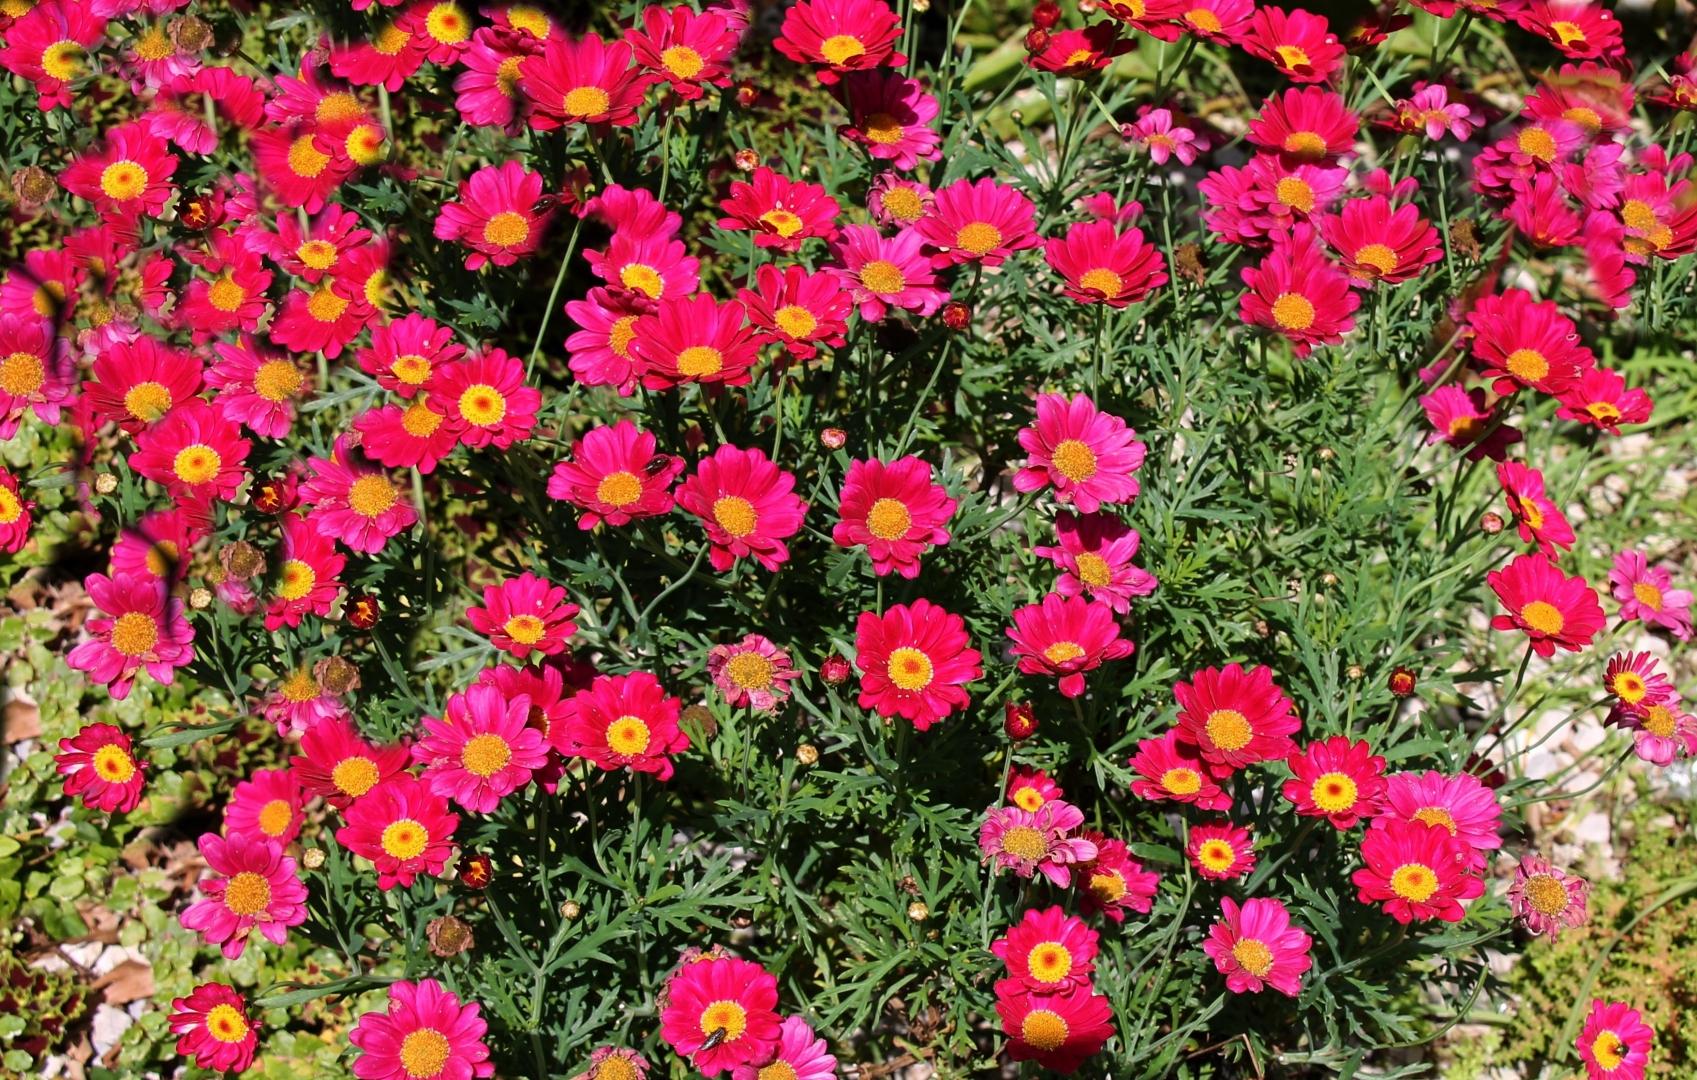 Macro/Tapete de flores.........